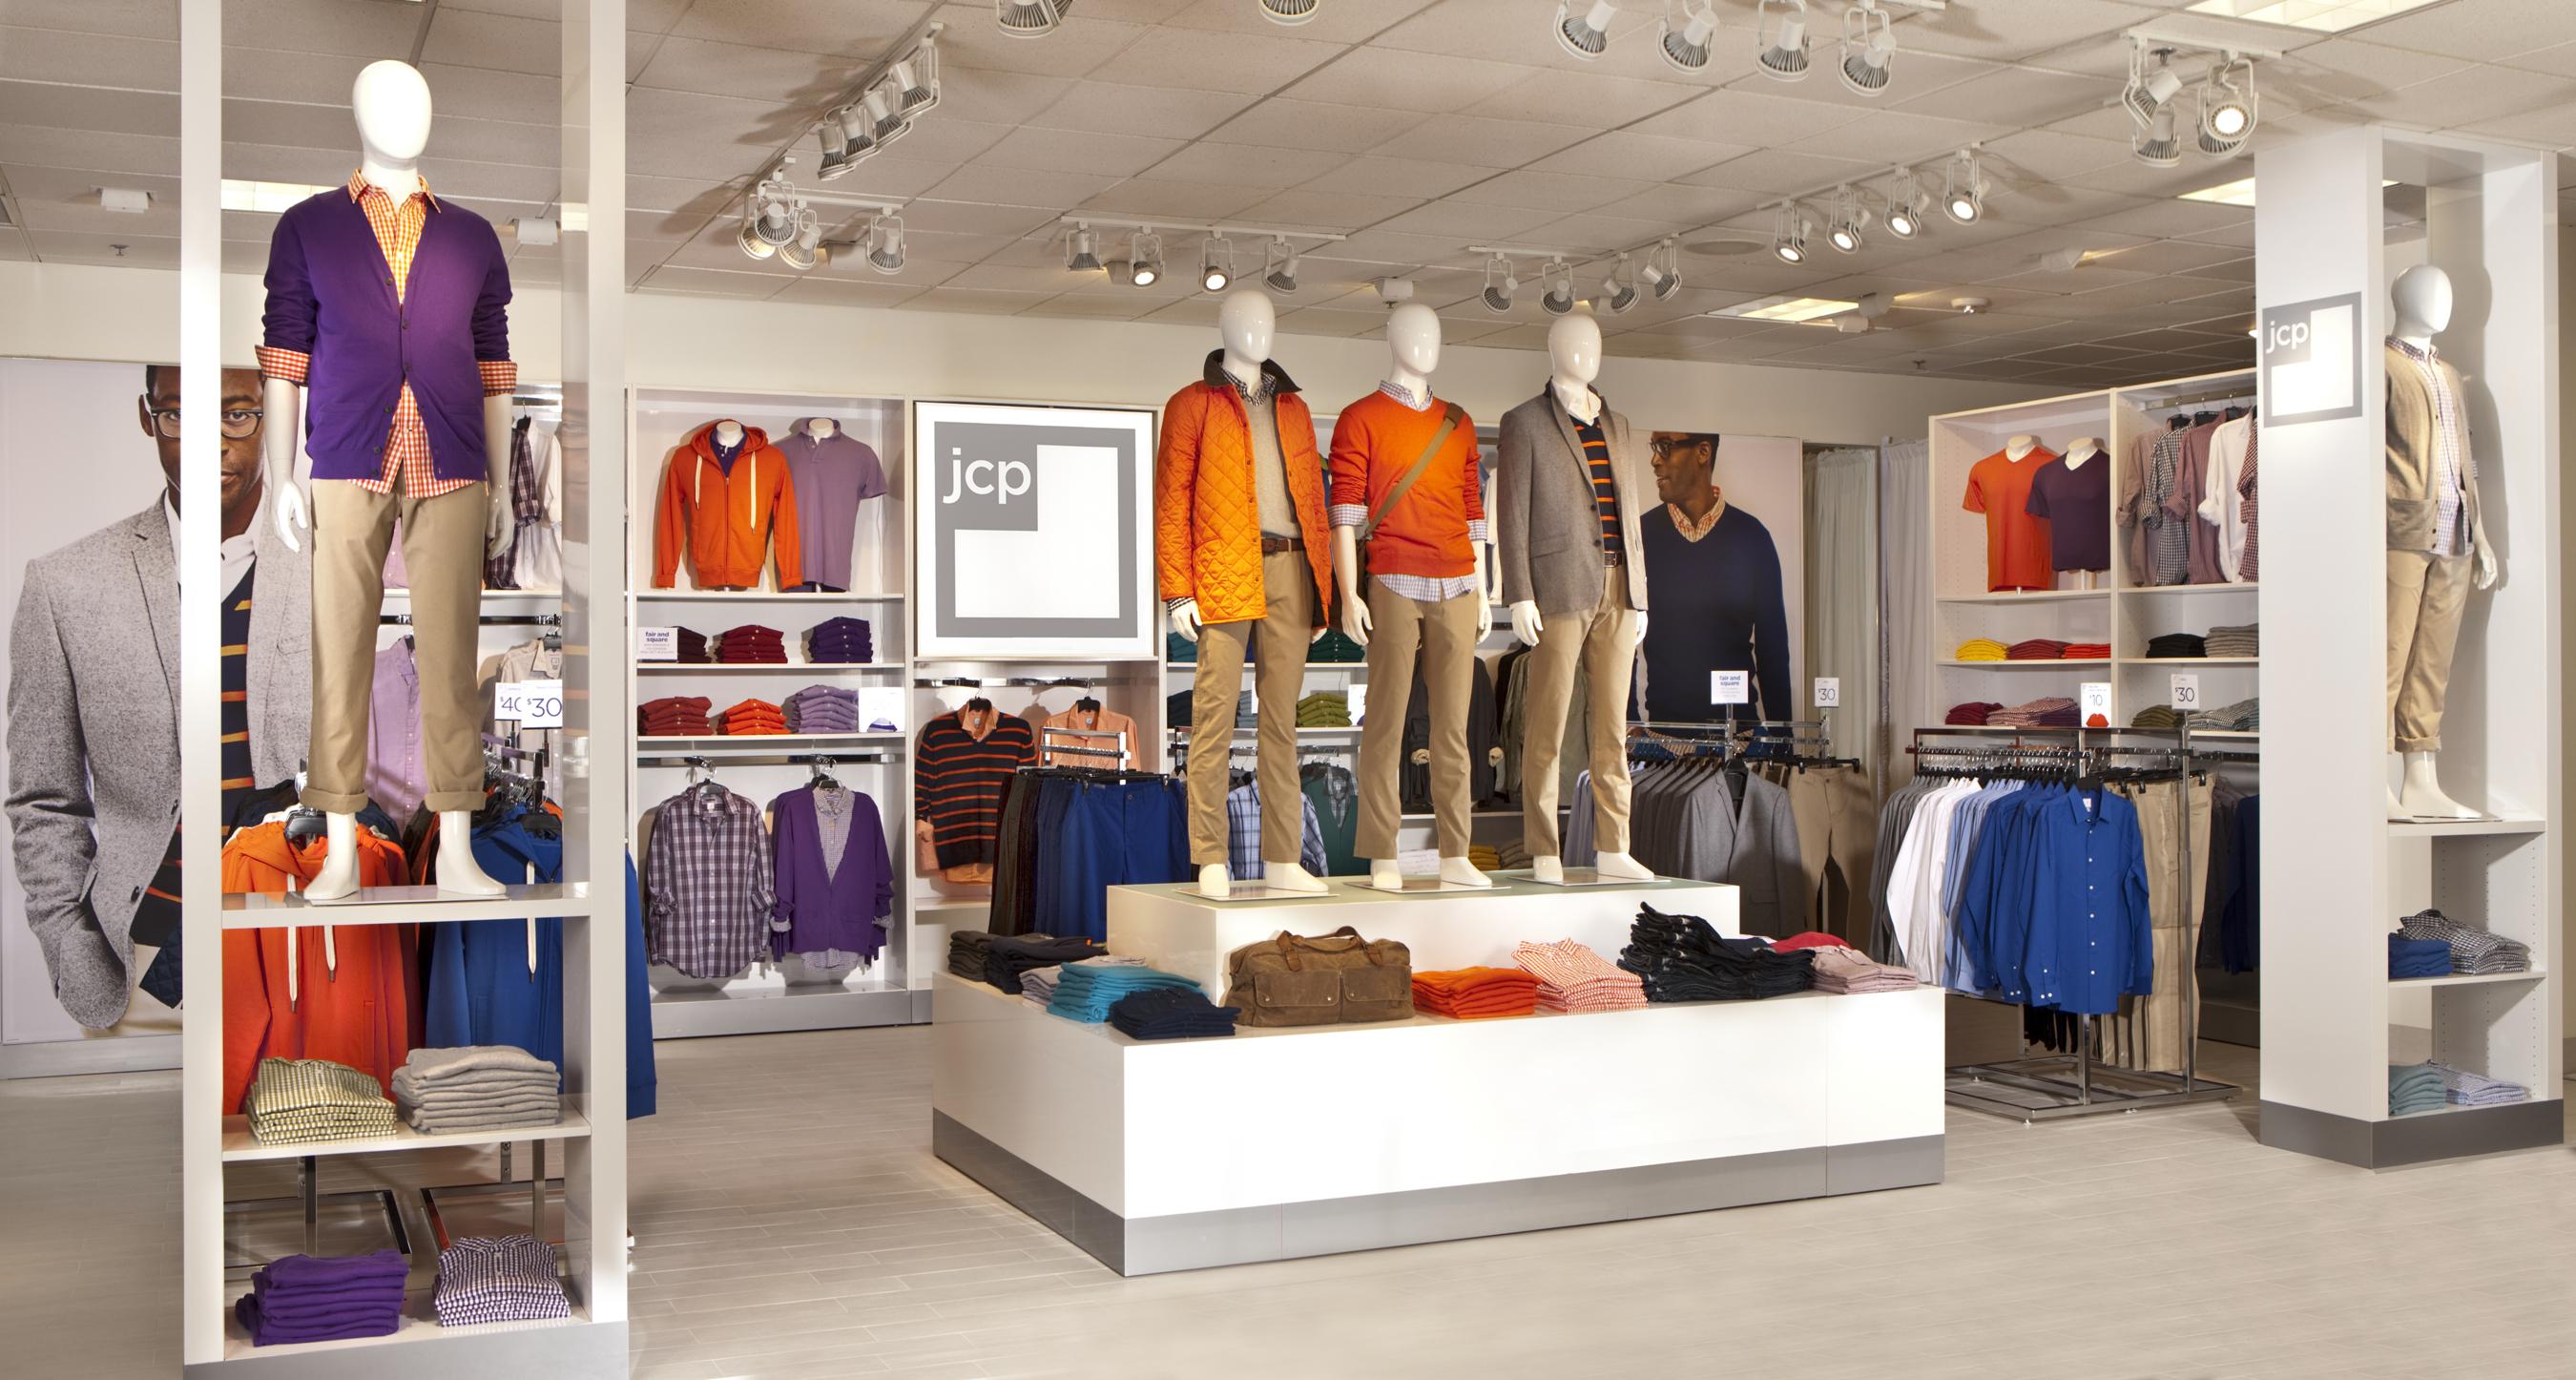 Cần những kinh nghiệm gì khi kinh doanh quần áo nam?